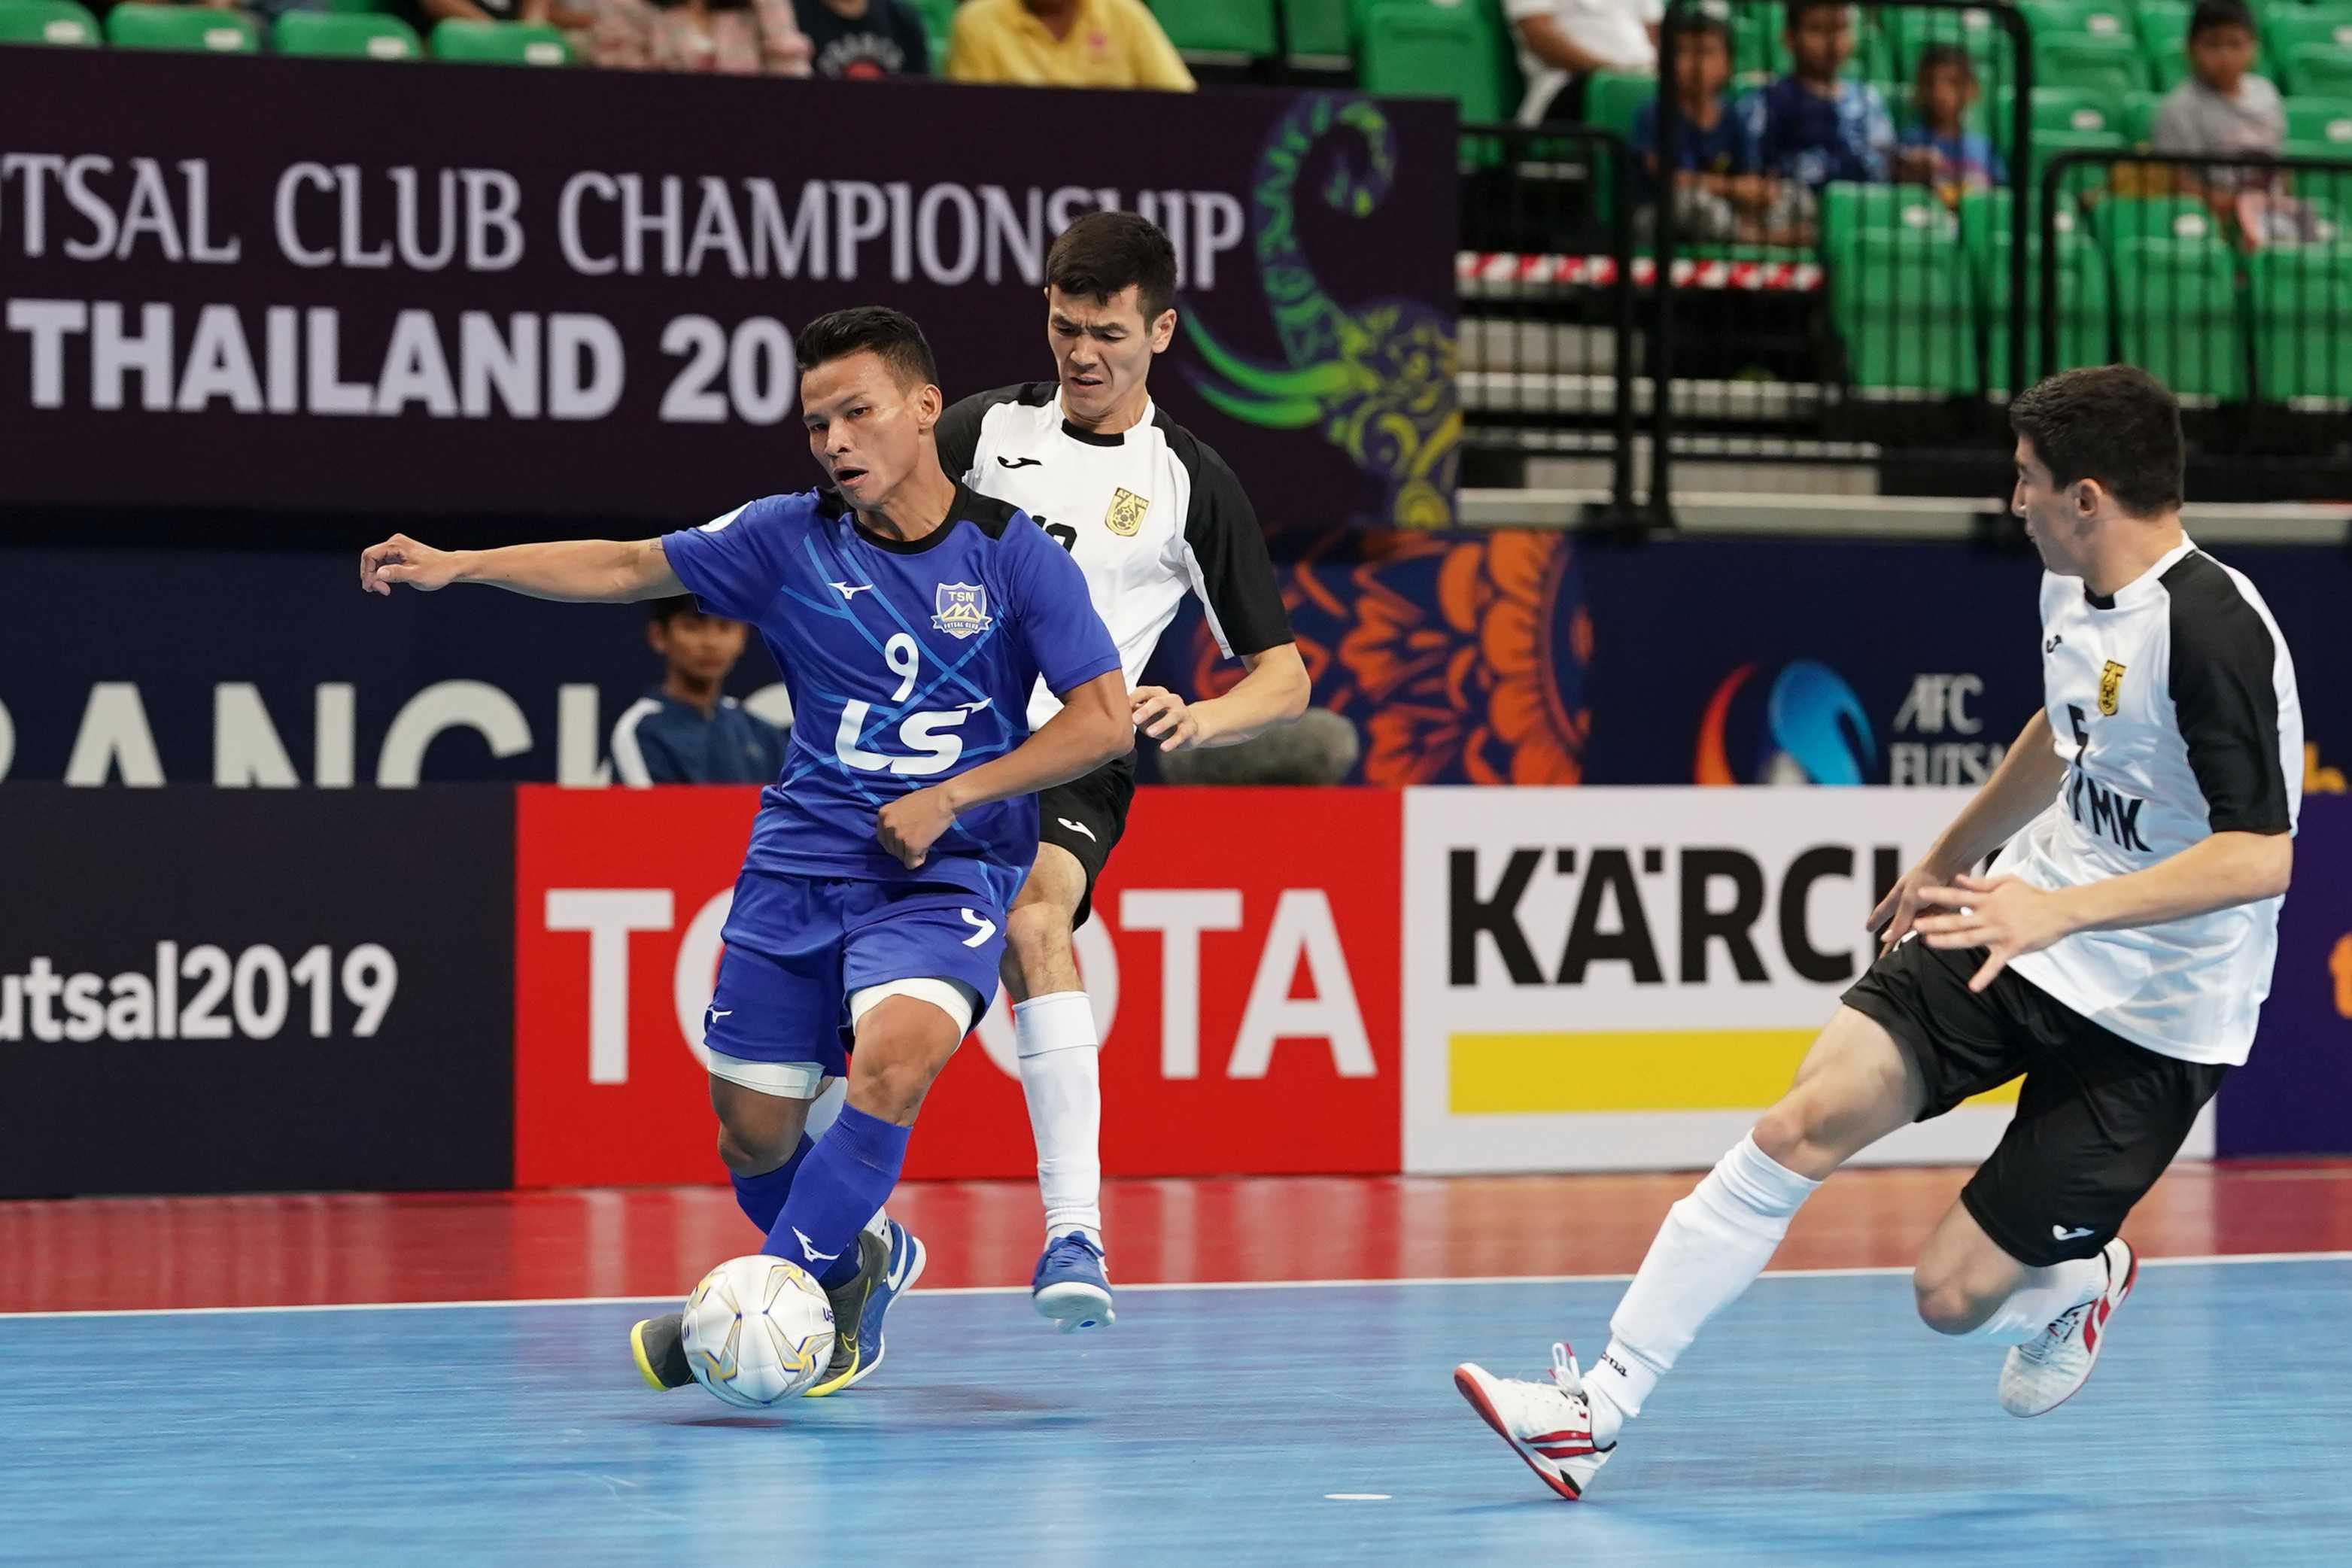 Giải futsal CLB châu Á 2019: Thắng nghẹt thở AGMK, Thái Sơn Nam giành hạng ba - Bóng Đá